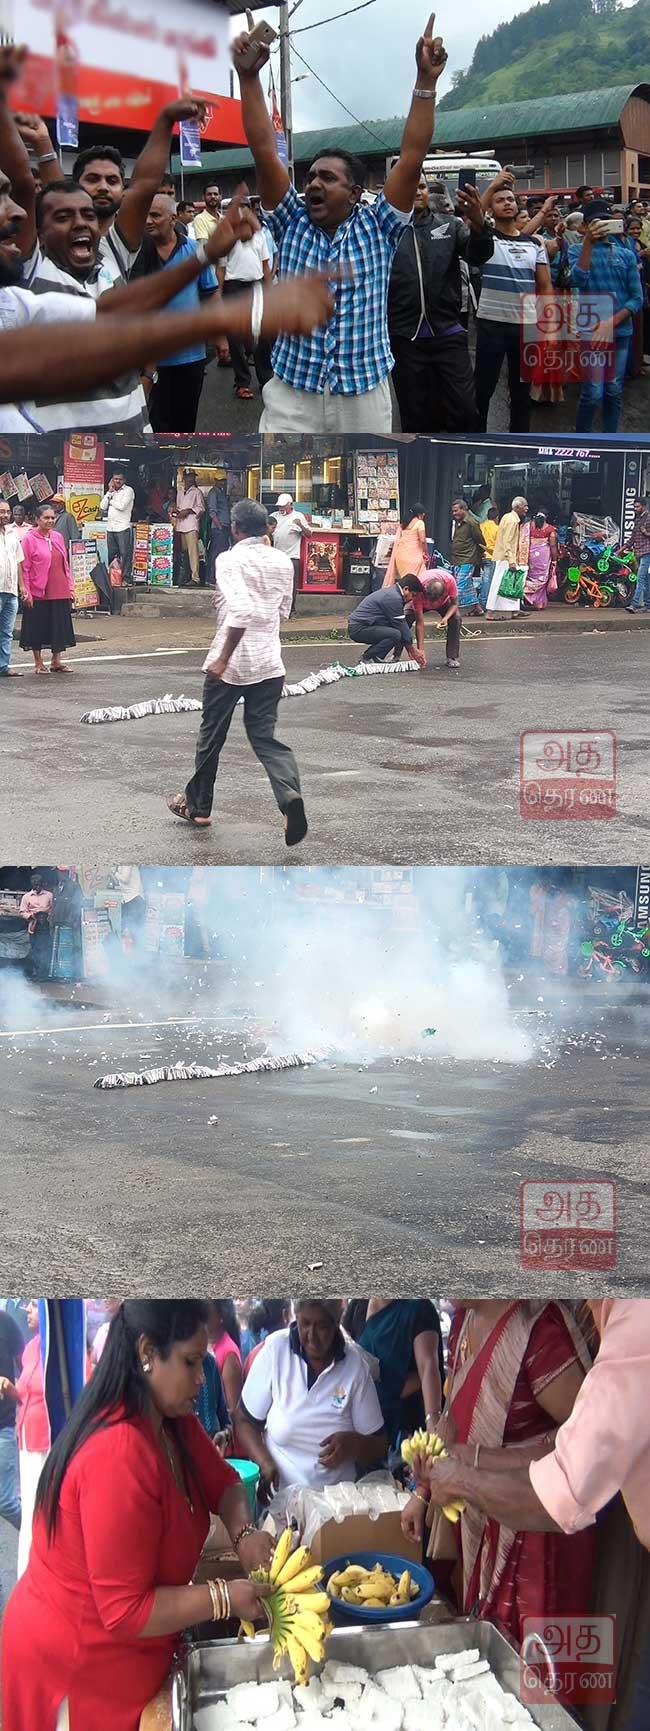 ஜனாதிபதி வேட்பாளராக கோட்டாபய அறிவிக்கப்பட்ட பின் மக்கள் கொண்டாட்டங்களில்